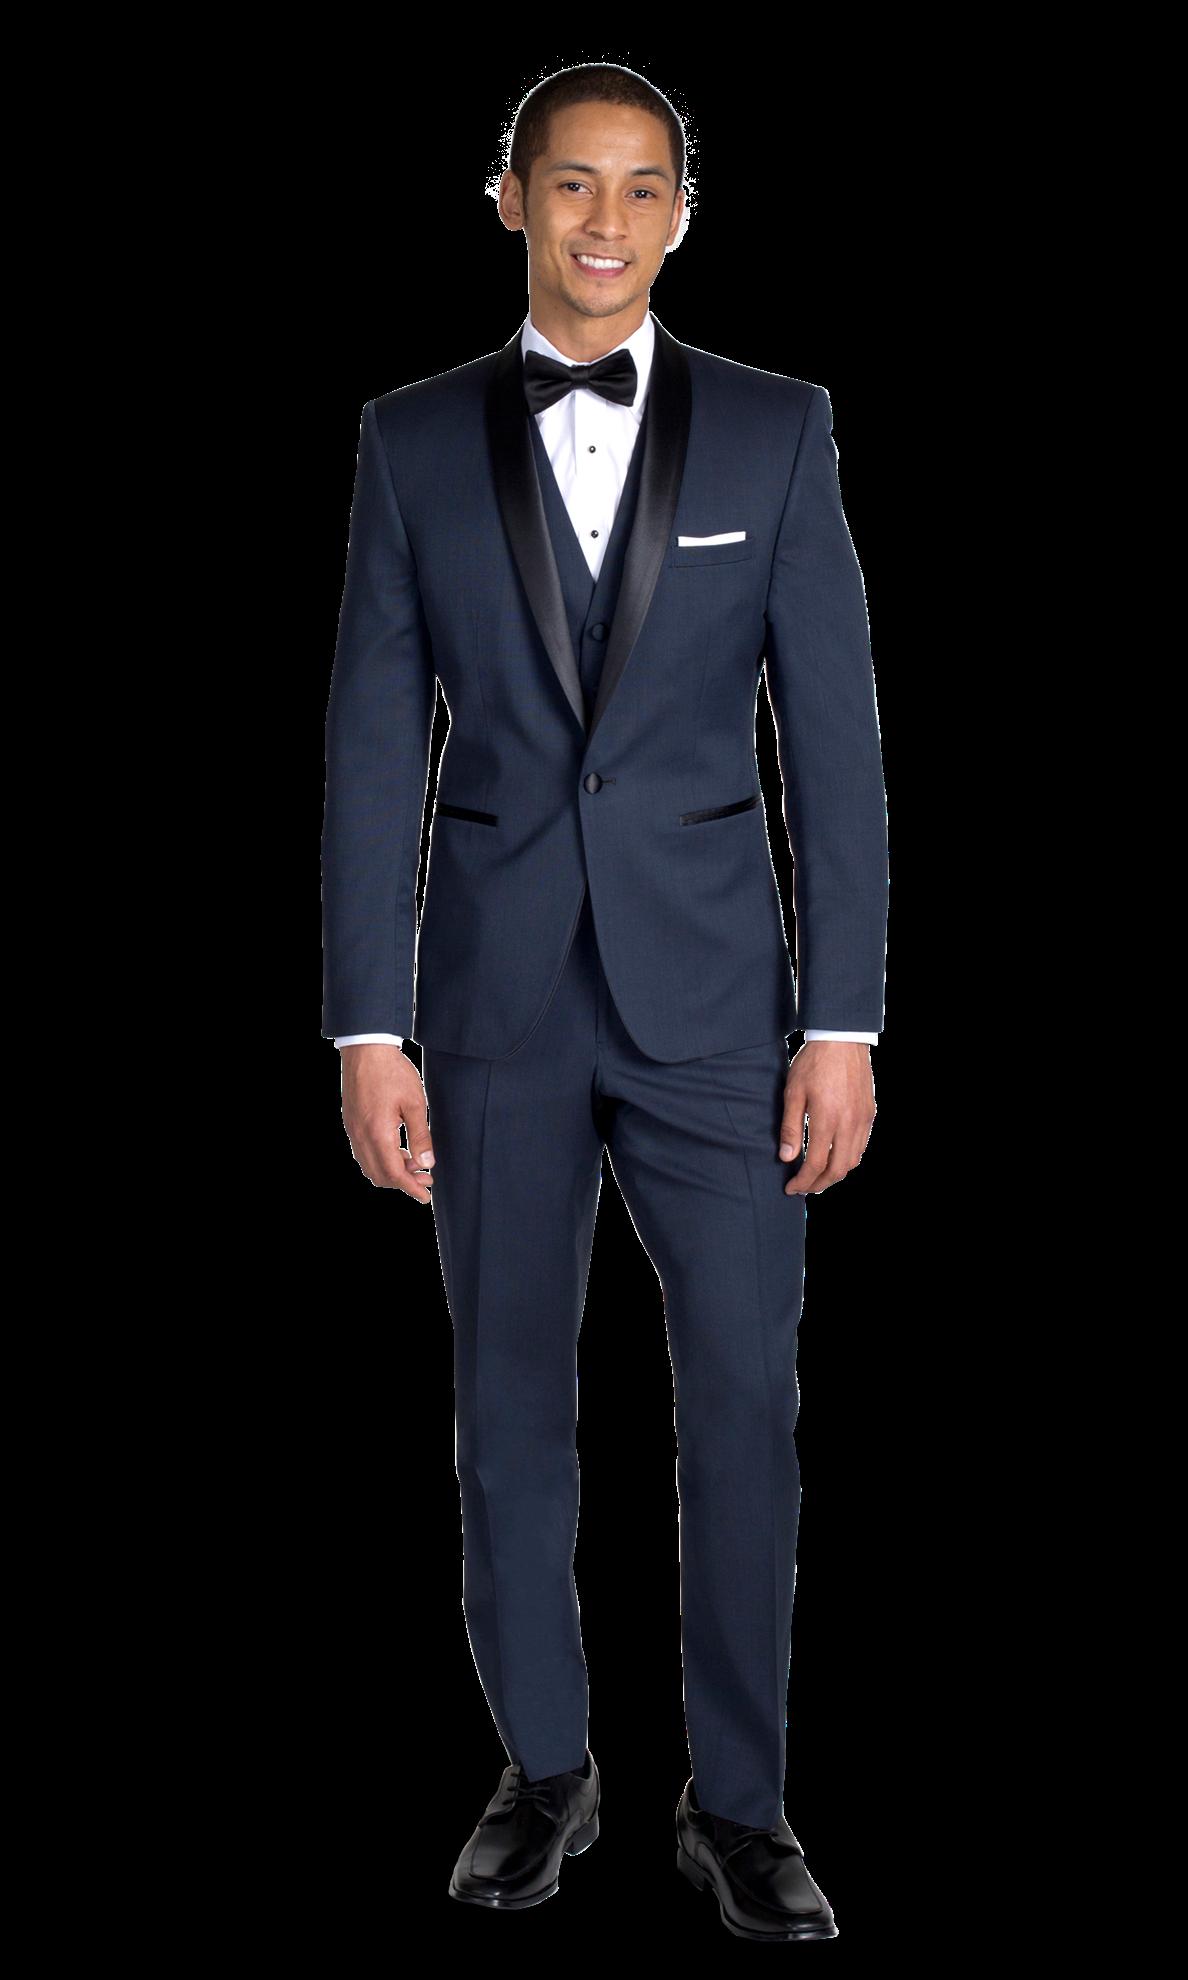 Tuxedo Man PNG - 83041